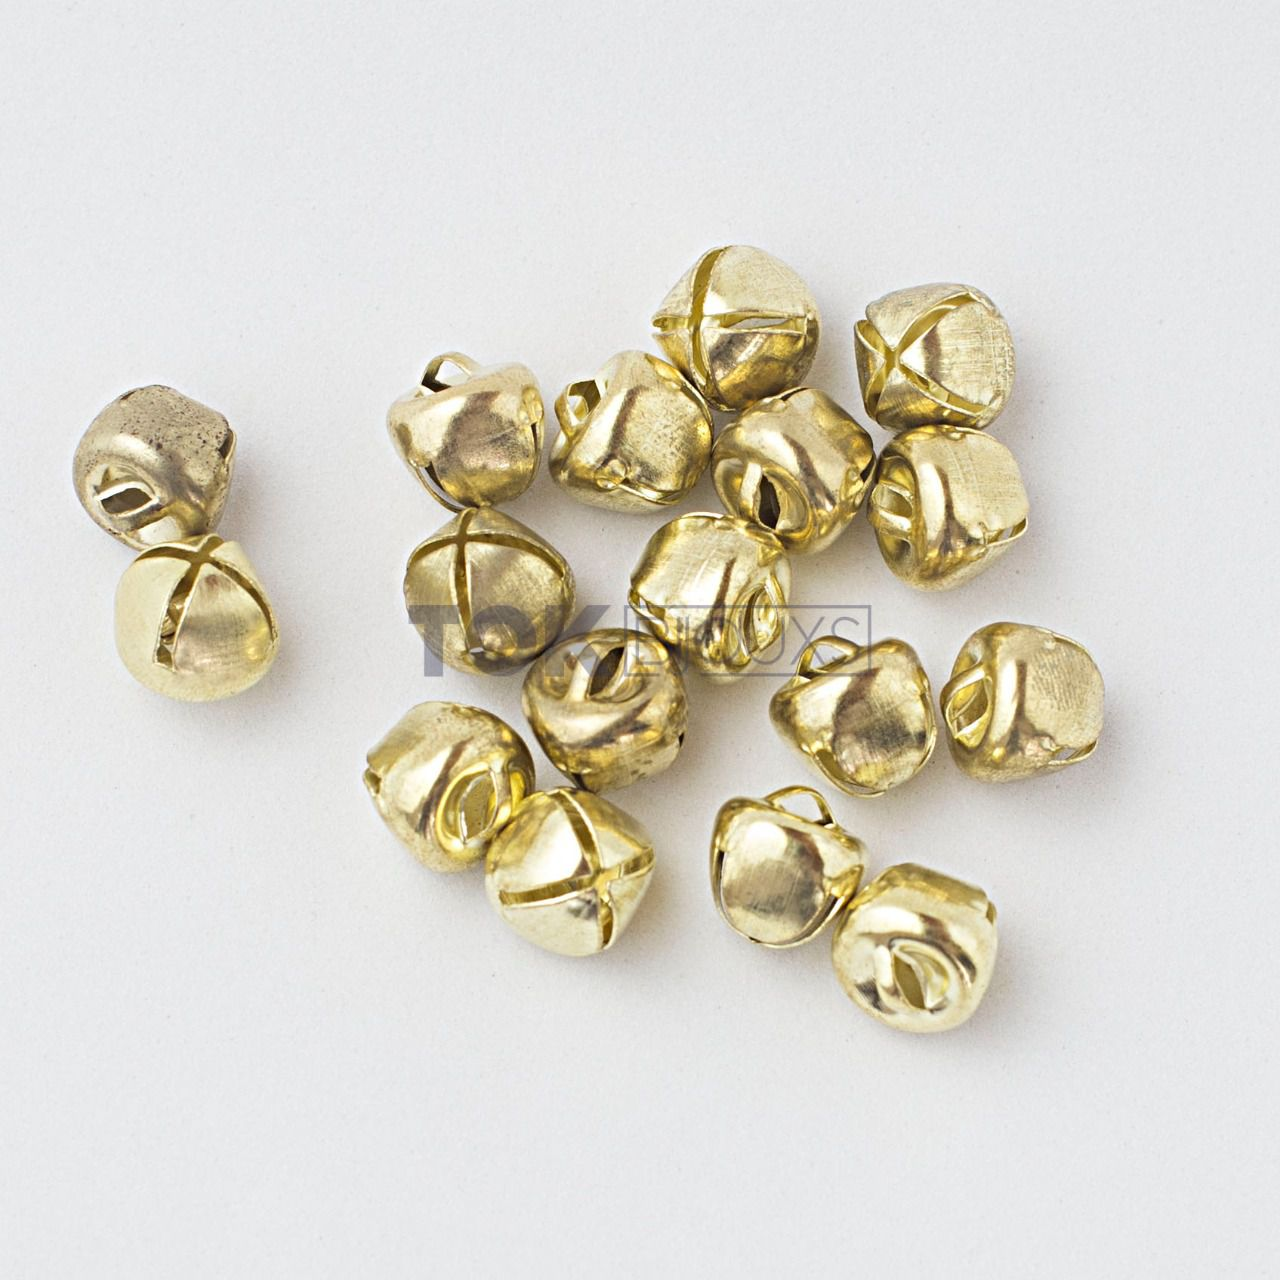 Guizo - Dourado - 12mm - 1000 un